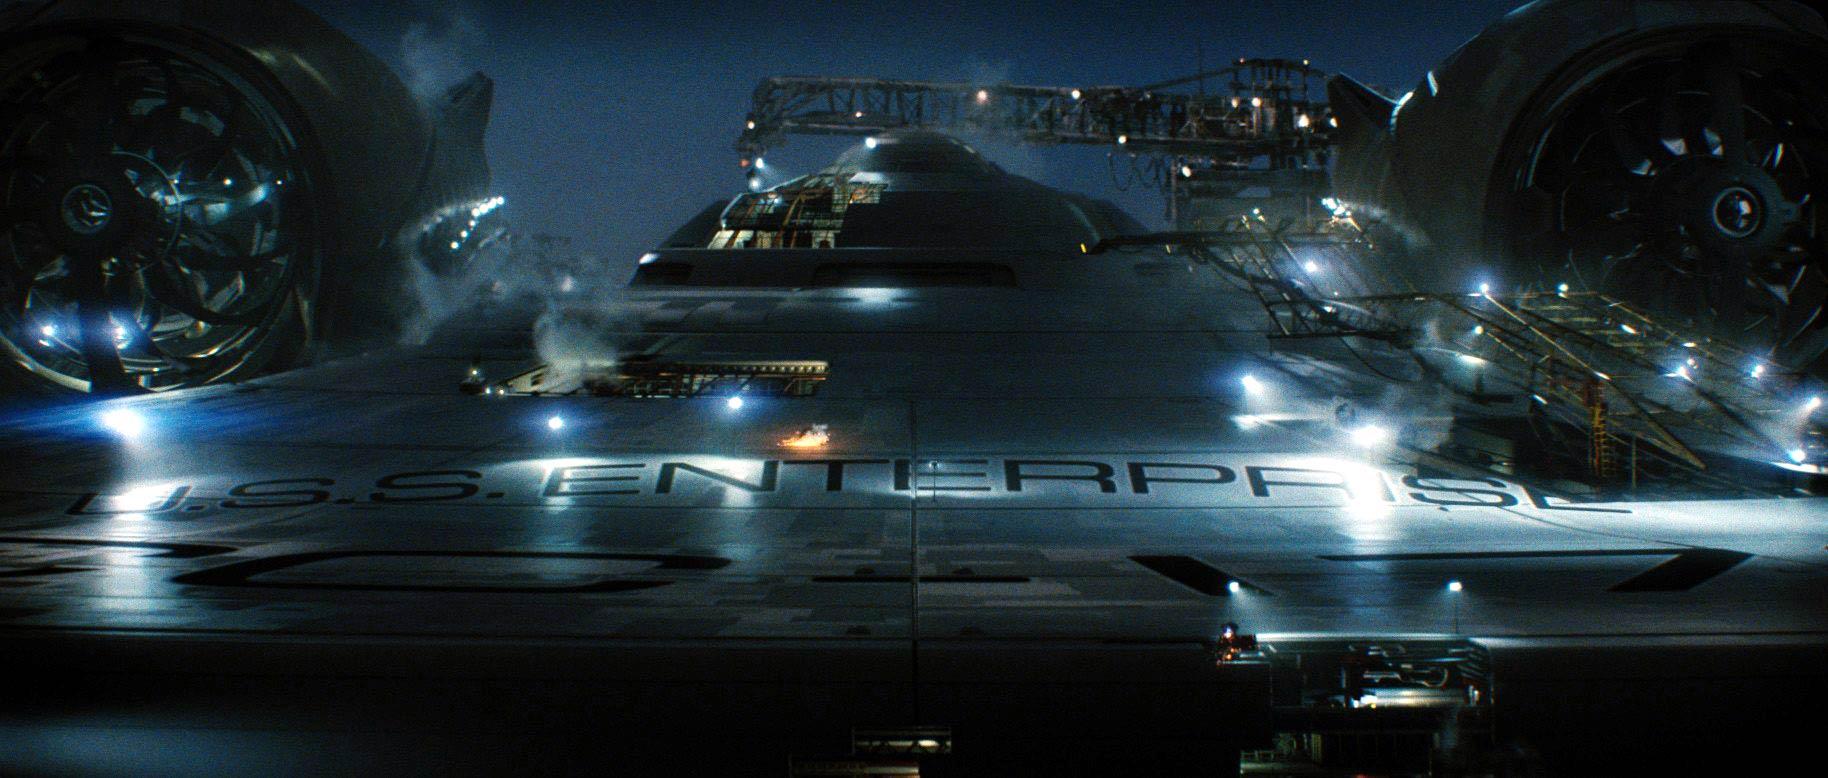 Star trek star trek 2008 enterprise